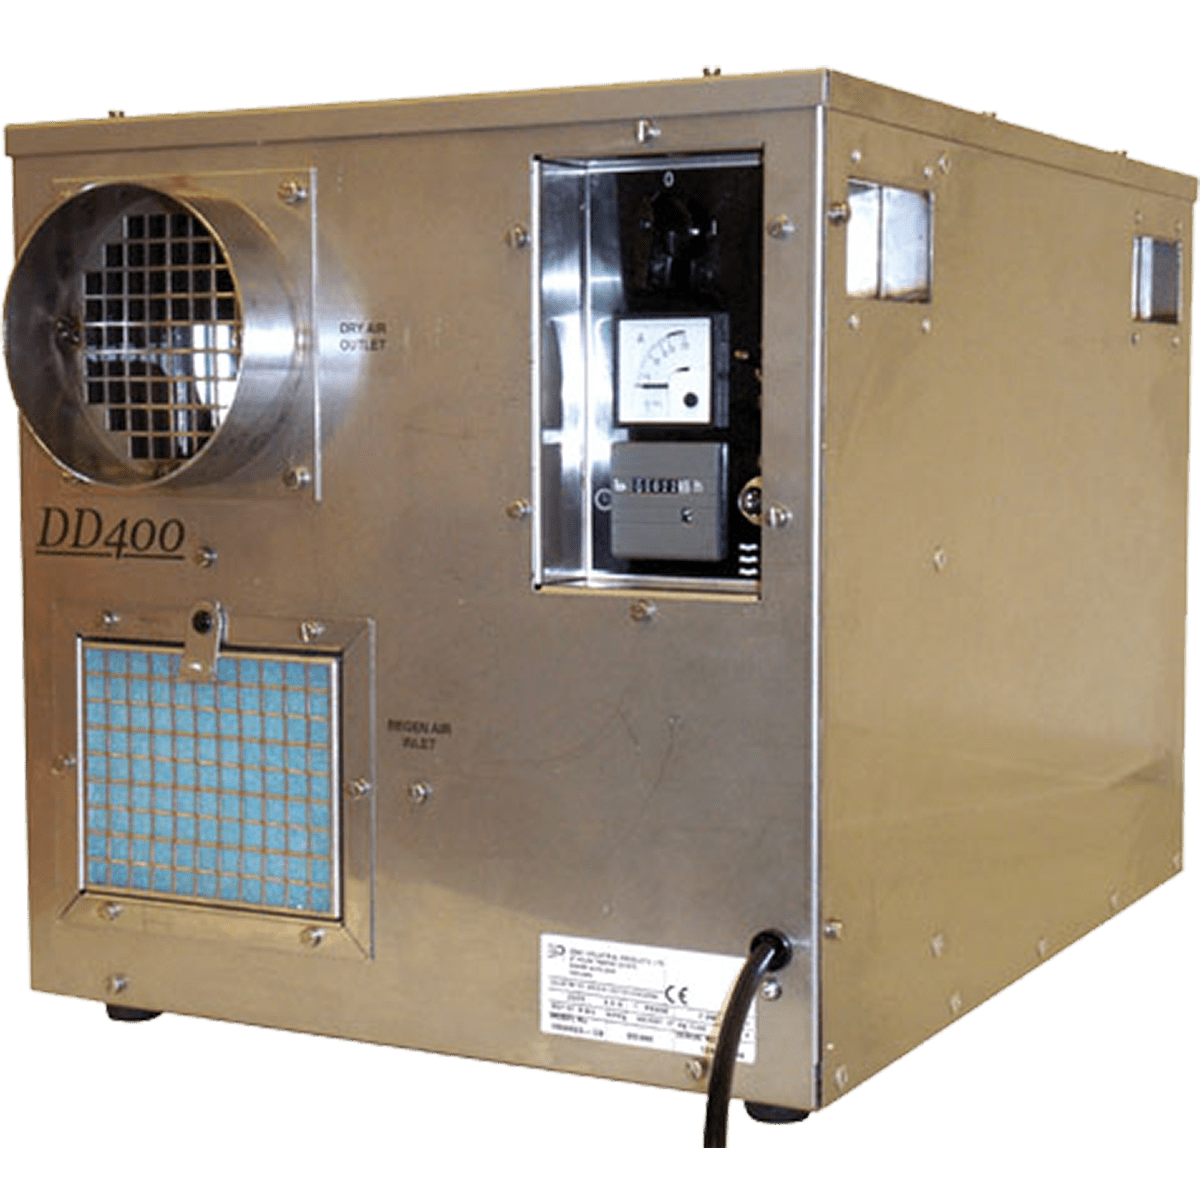 Ebac Dd400 Desiccant Dehumidifier Free Shipping Sylvane Wiring Schematic